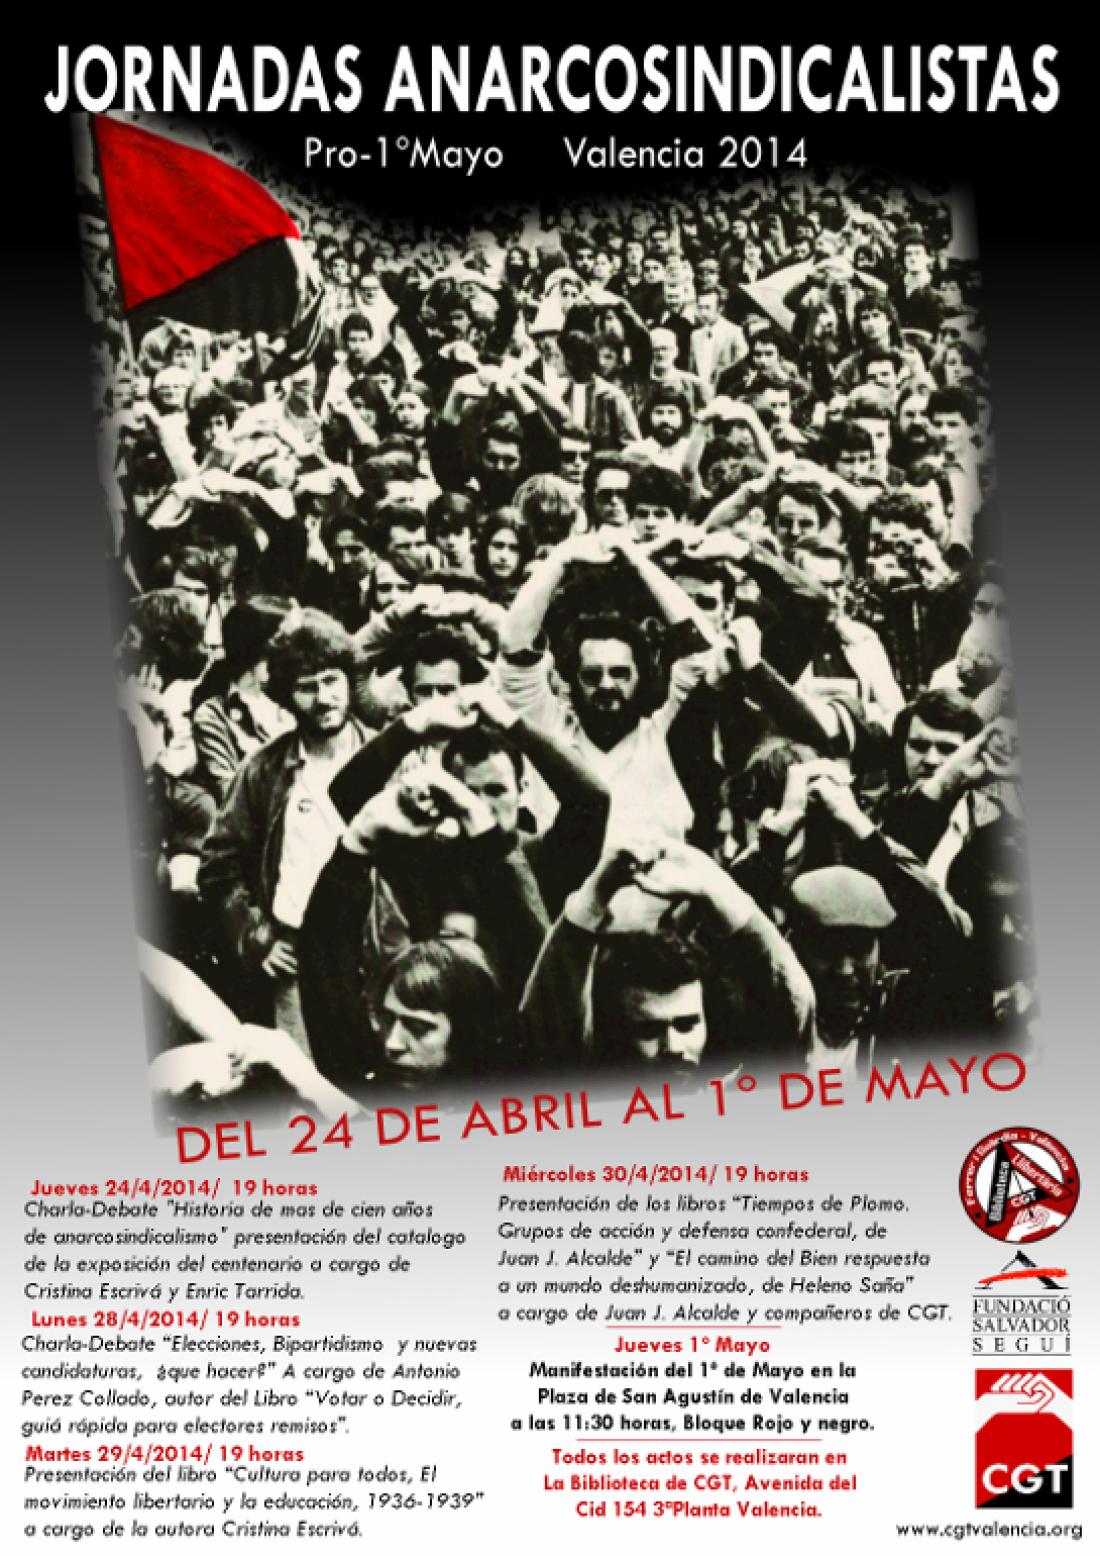 Jornadas Anarcosindicalistas, del 24 de Abril al 1º Mayo Valencia 2014